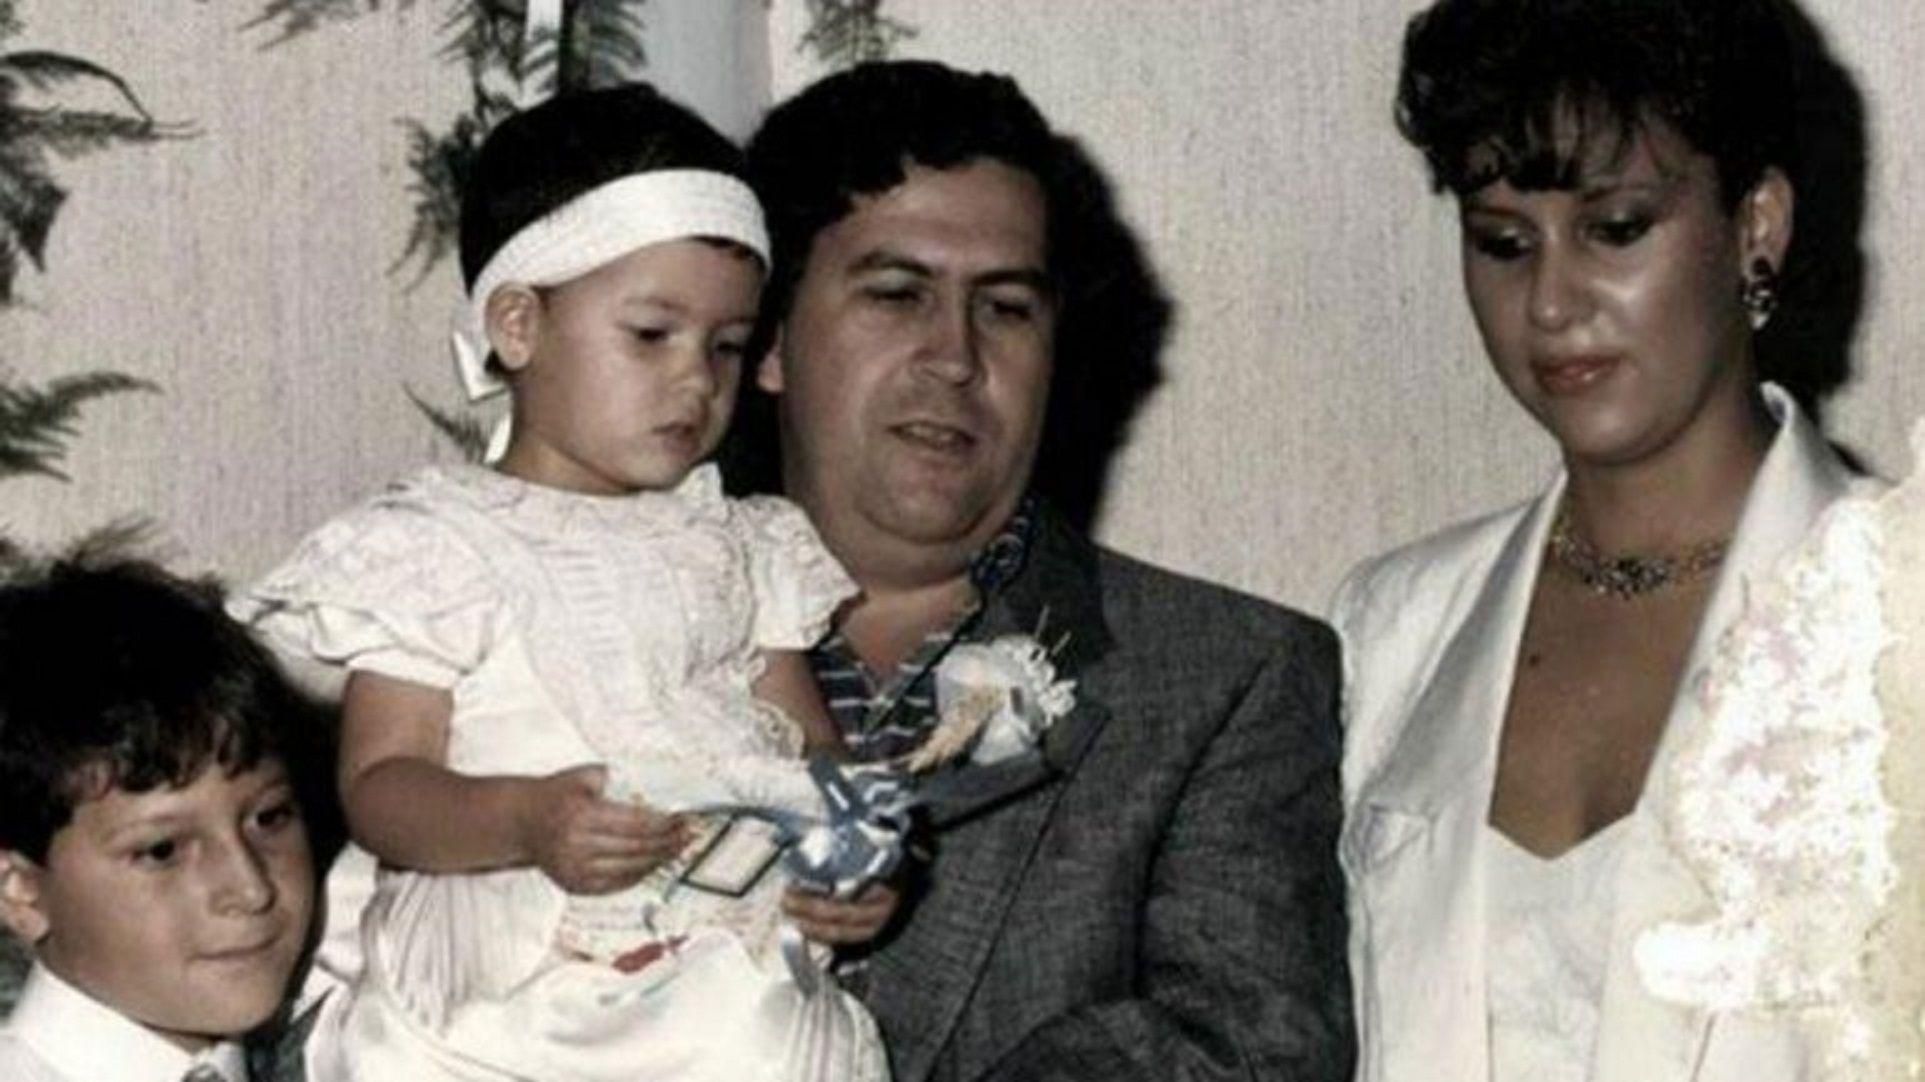 La familia de Pablo Escobar deberán declarar por sus vínculos narcos en la Argentina